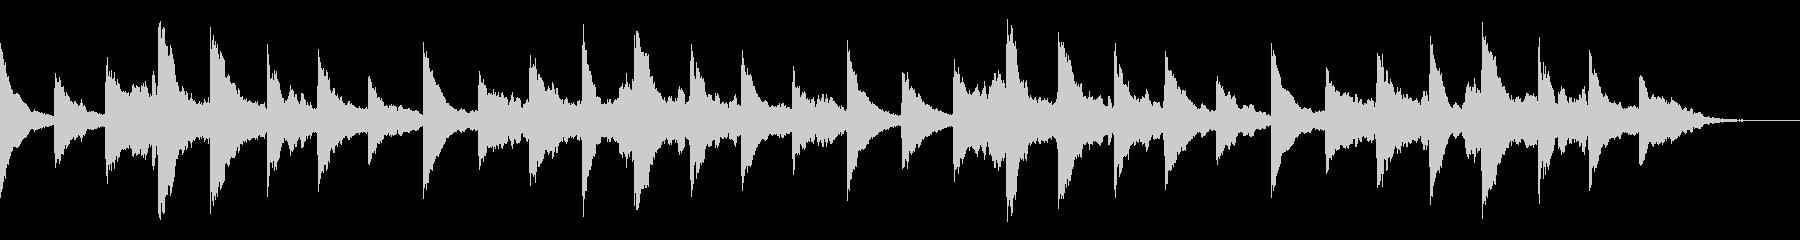 ノスタルジックな場面のハーモニカの未再生の波形